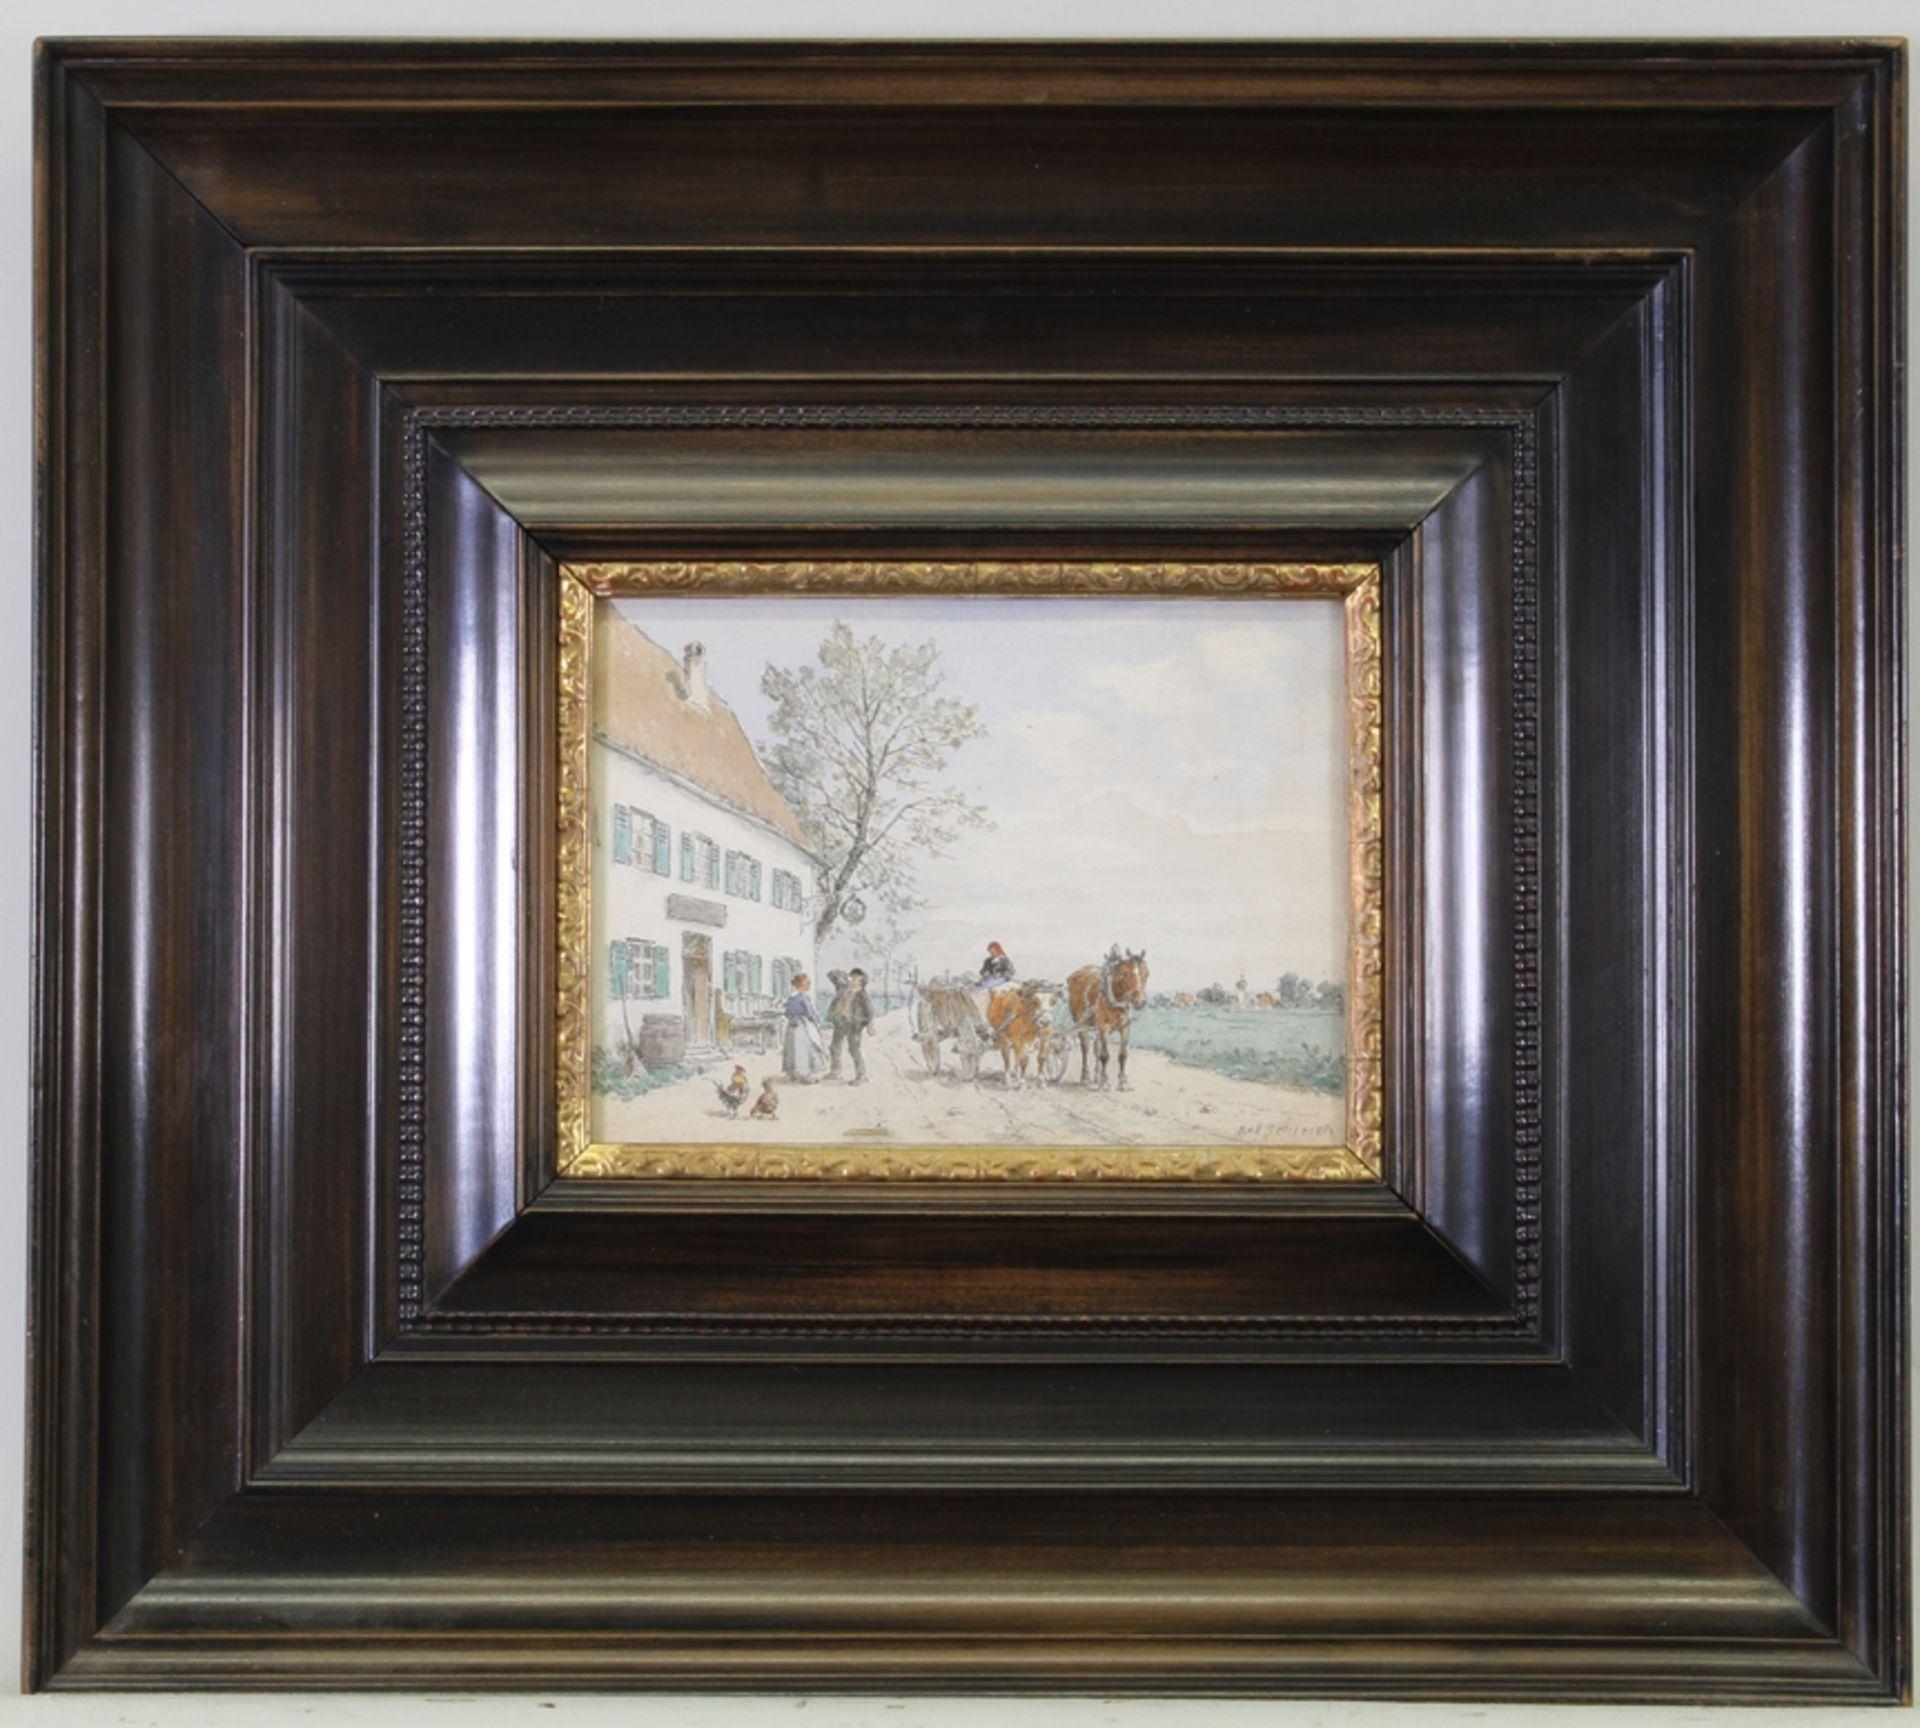 Schleich, Robert (München 1845 - 1934 ebda., Schüler Wilhelm von Diez', beeinflusst durch Eduard Sc - Bild 2 aus 5